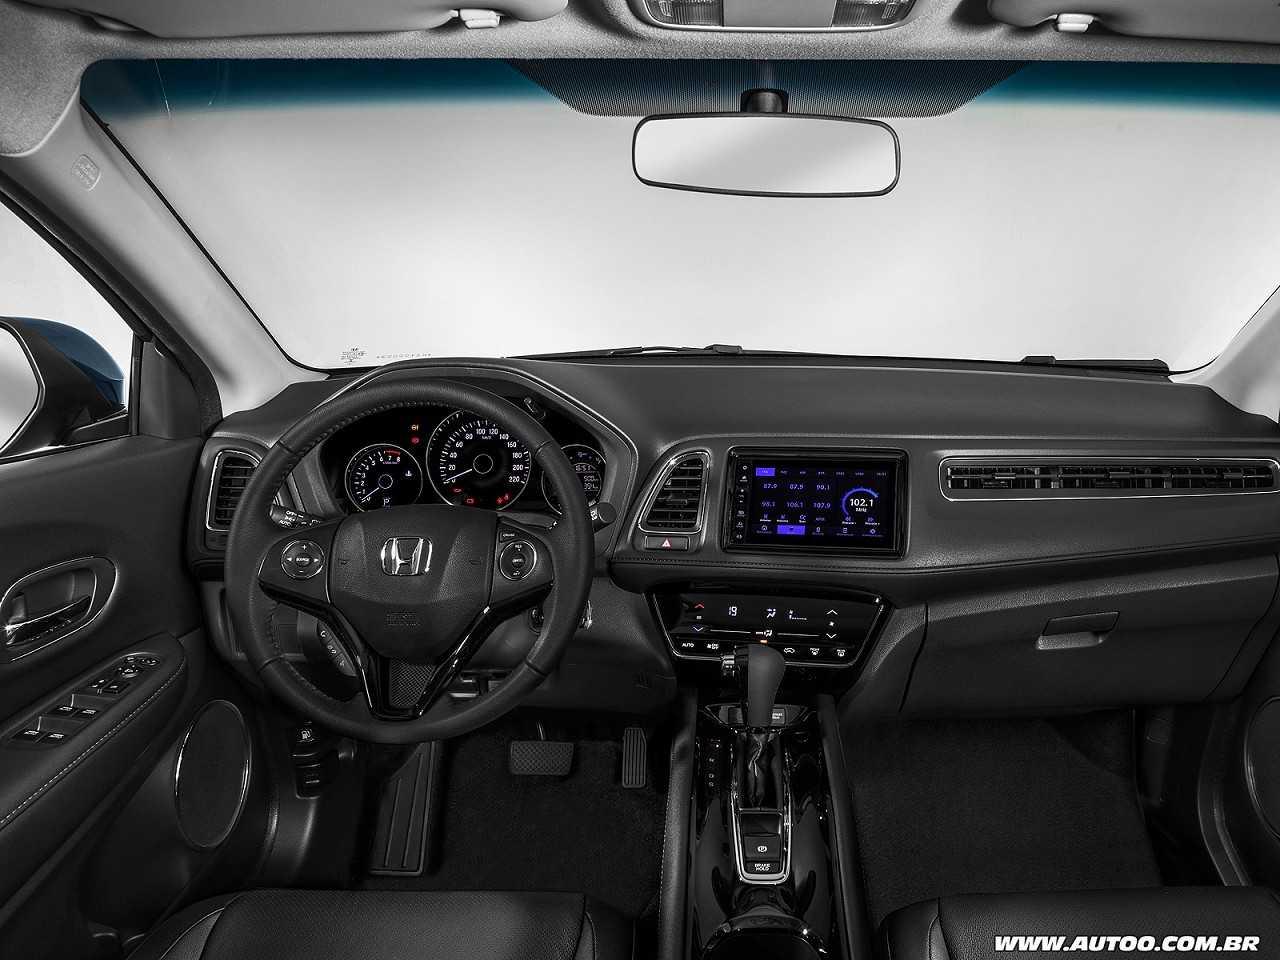 HondaHR-V 2019 - painel